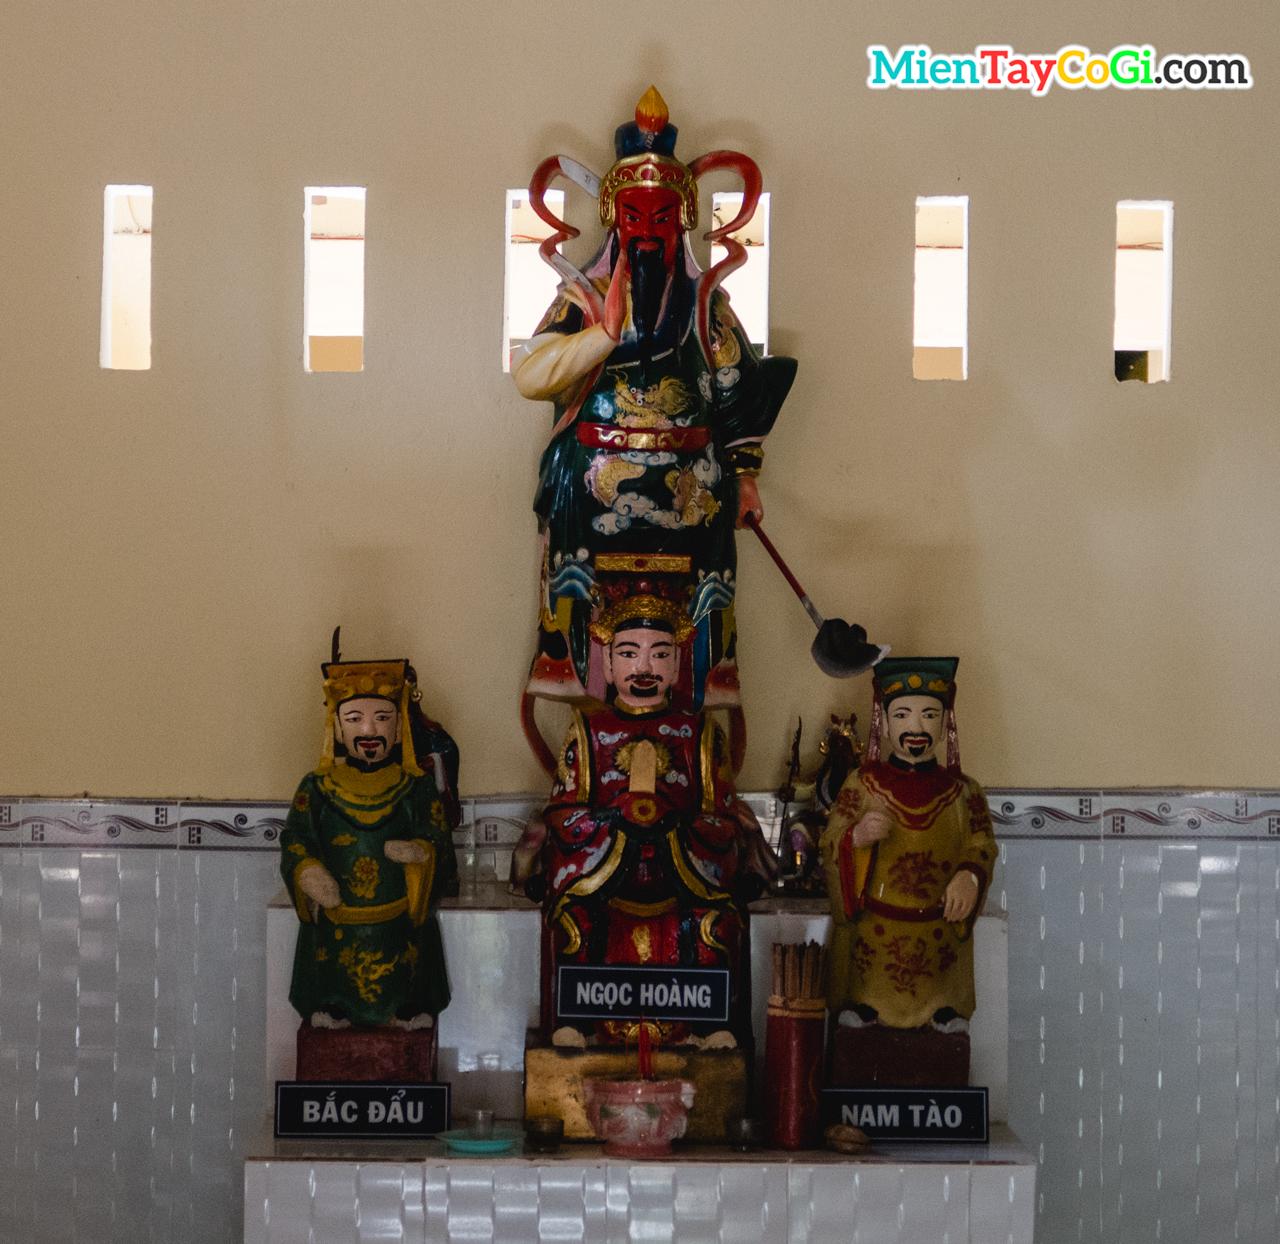 Tượng Ngọc Hoàng Đại Đại, Nam Tào, Bắc Đẩu và Quan Thánh